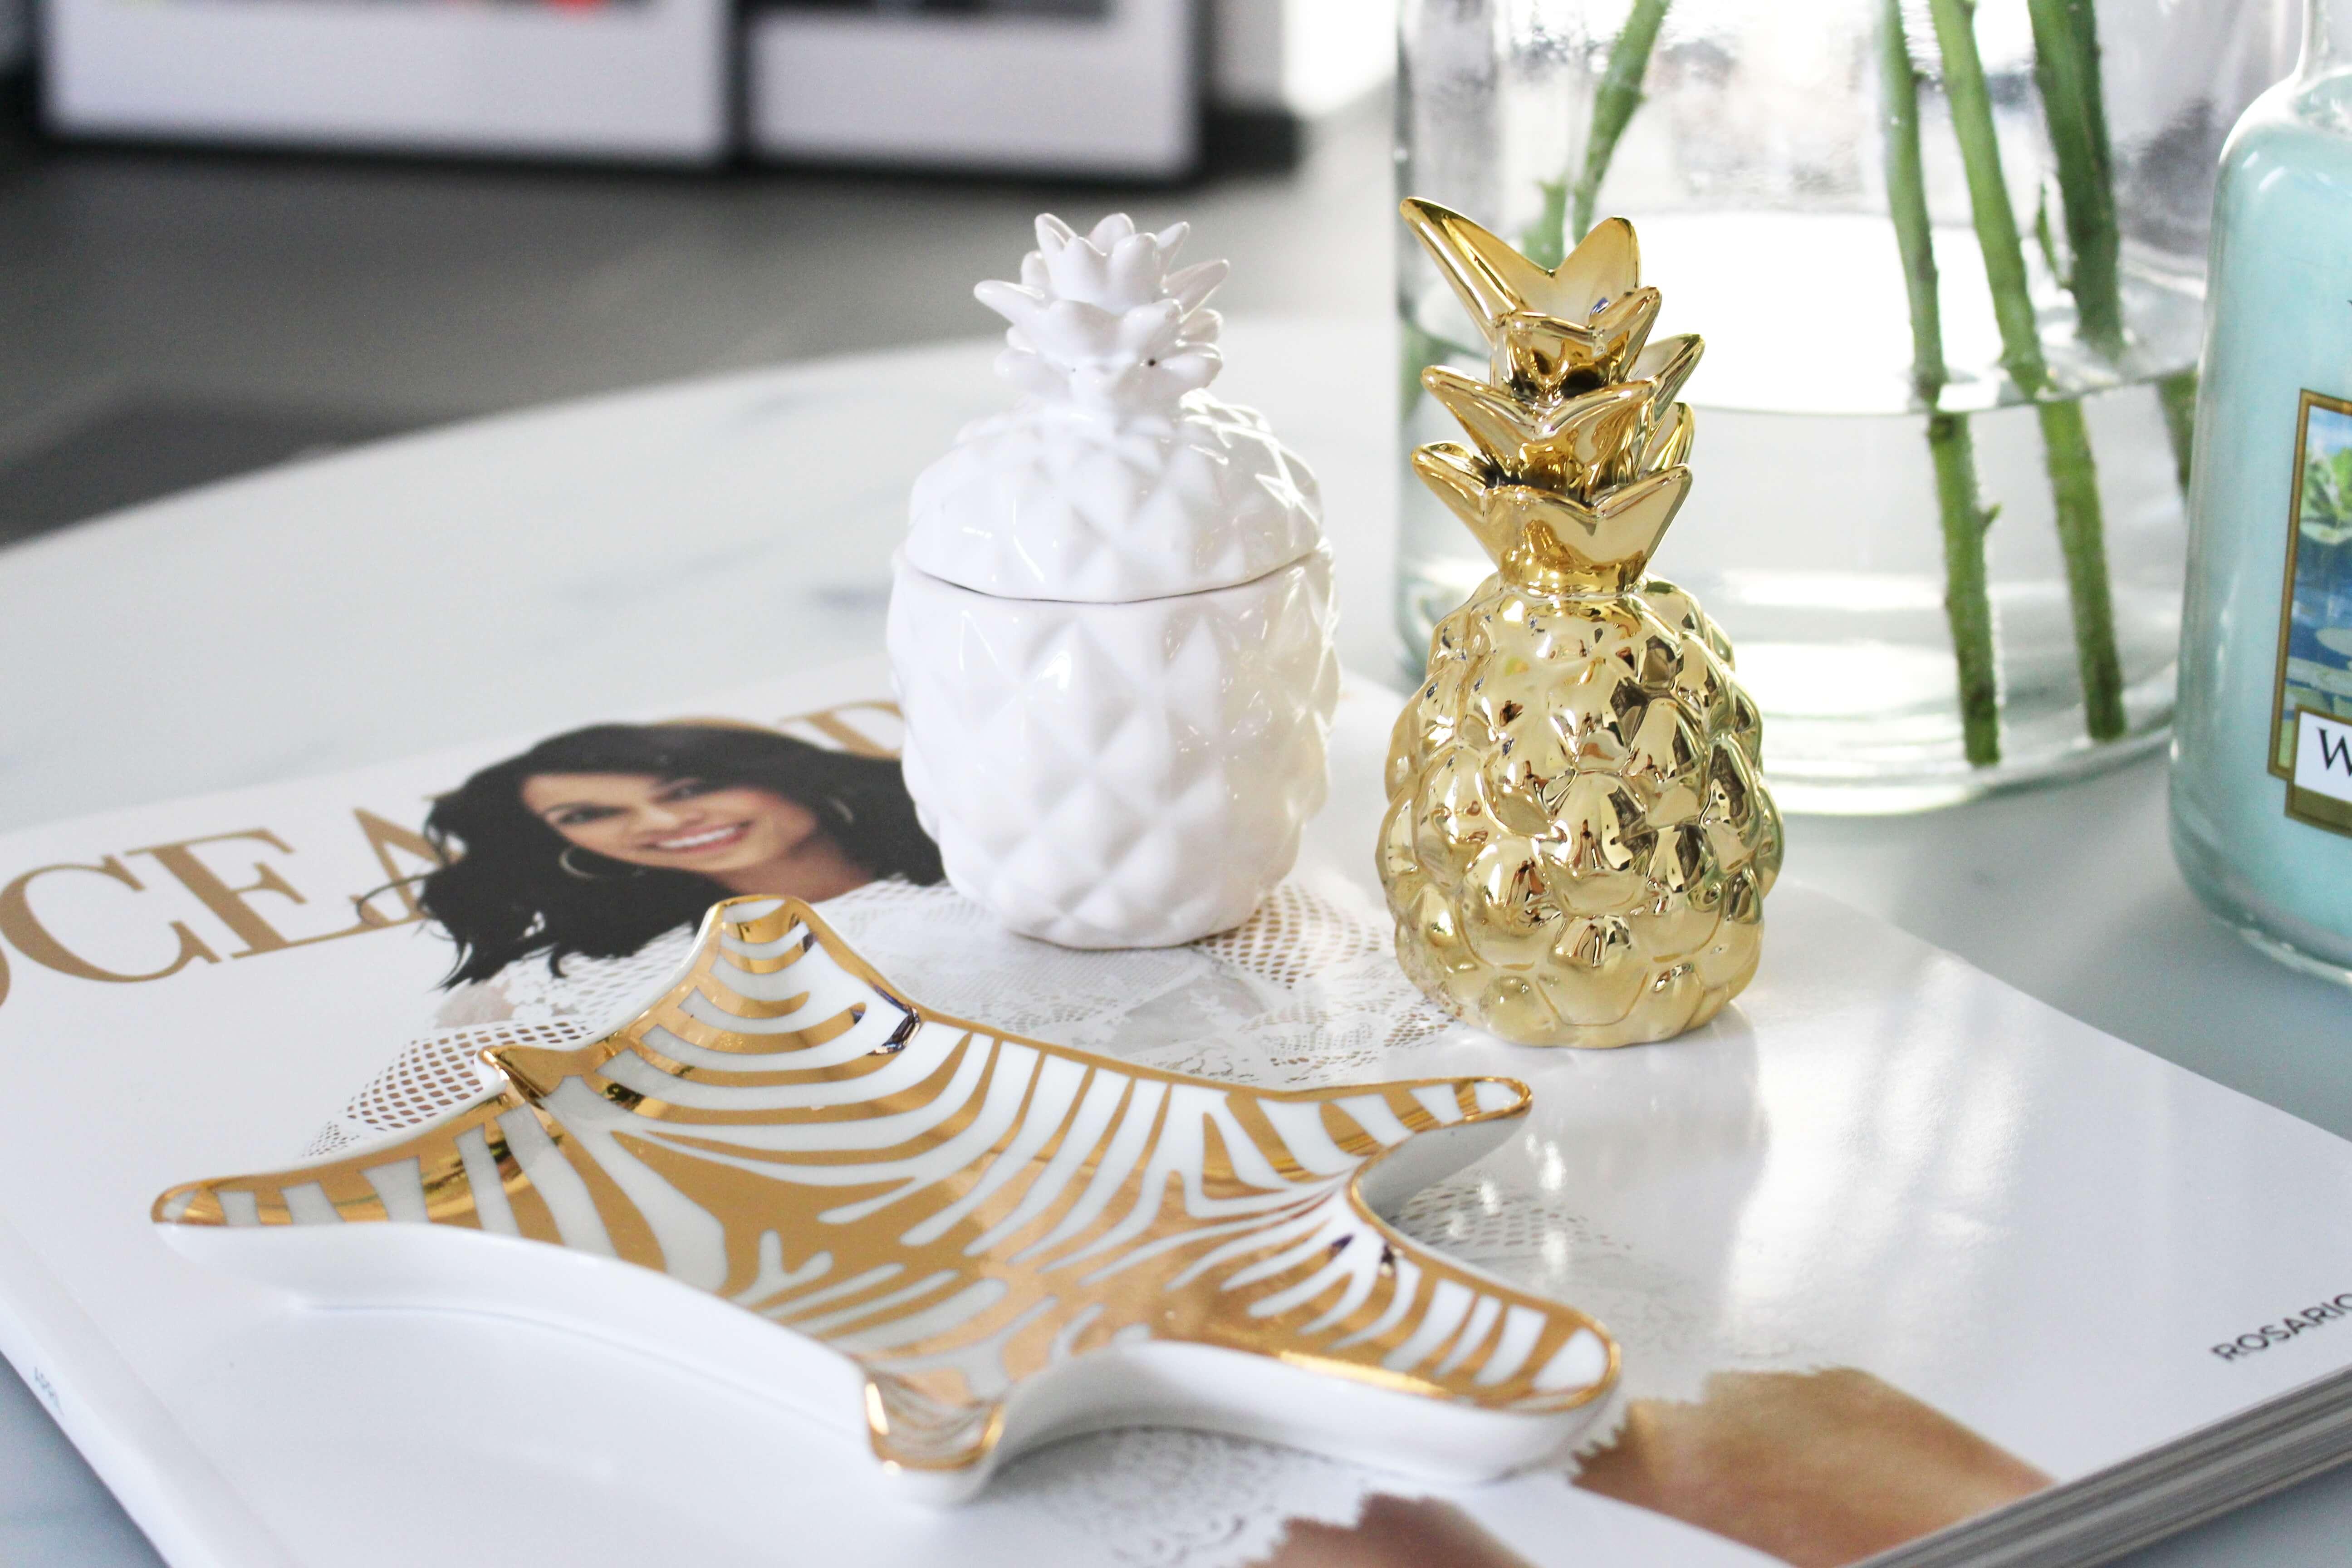 unsere wohnzimmer deko in gruen gold tantedine 011 - Wohnzimmer Deko Gold